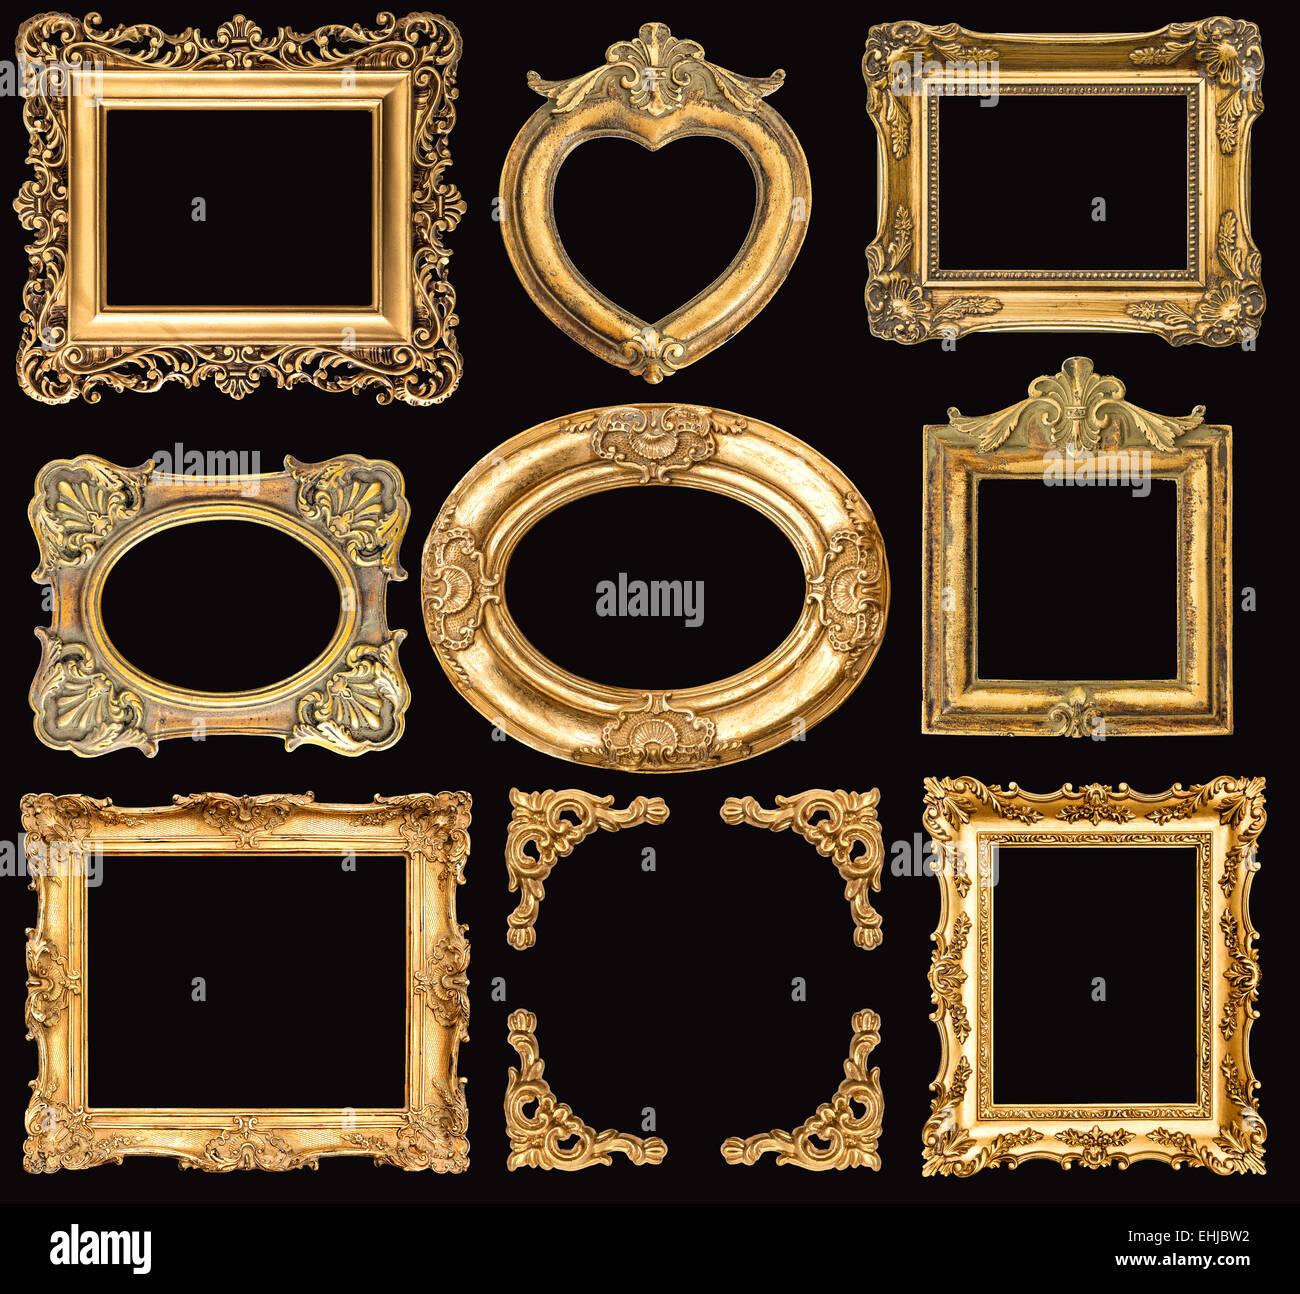 Conjunto de marcos dorados sobre fondo negro. Objetos antiguos de ...